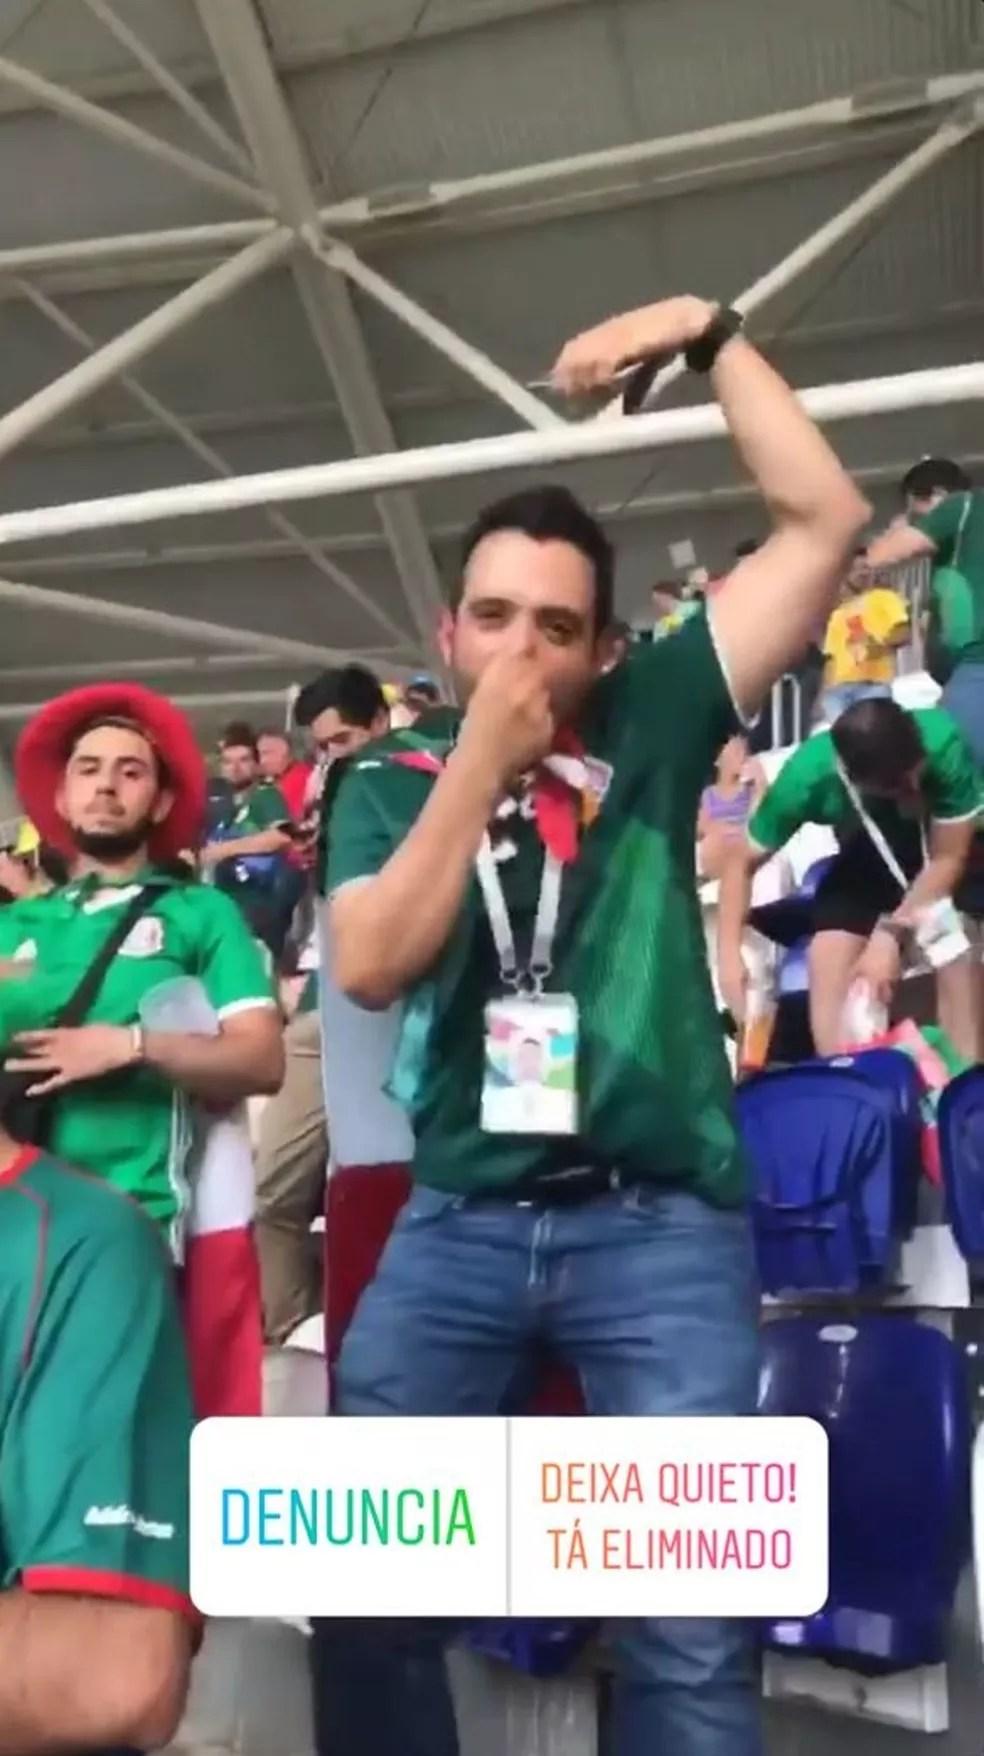 Raiam Santos postou vídeo que mostra mexicano fazendo gestos racistas (Foto: Reprodução/ Rede Social)